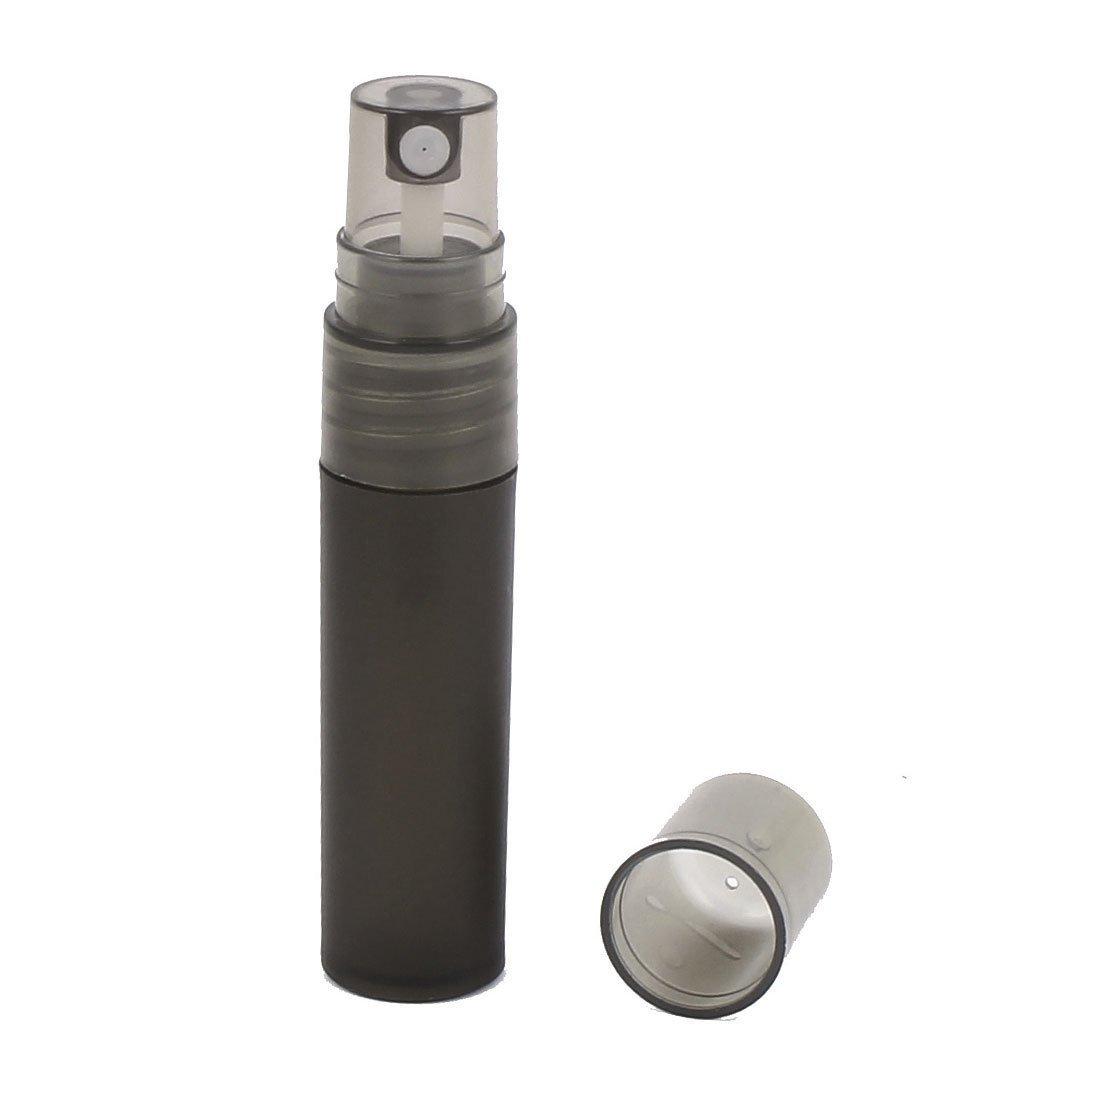 Amazon.com: eDealMax plástico líquido de pulverización Botella de Perfume 5ml soporte del contenedor de 5pcs Negro: Health & Personal Care